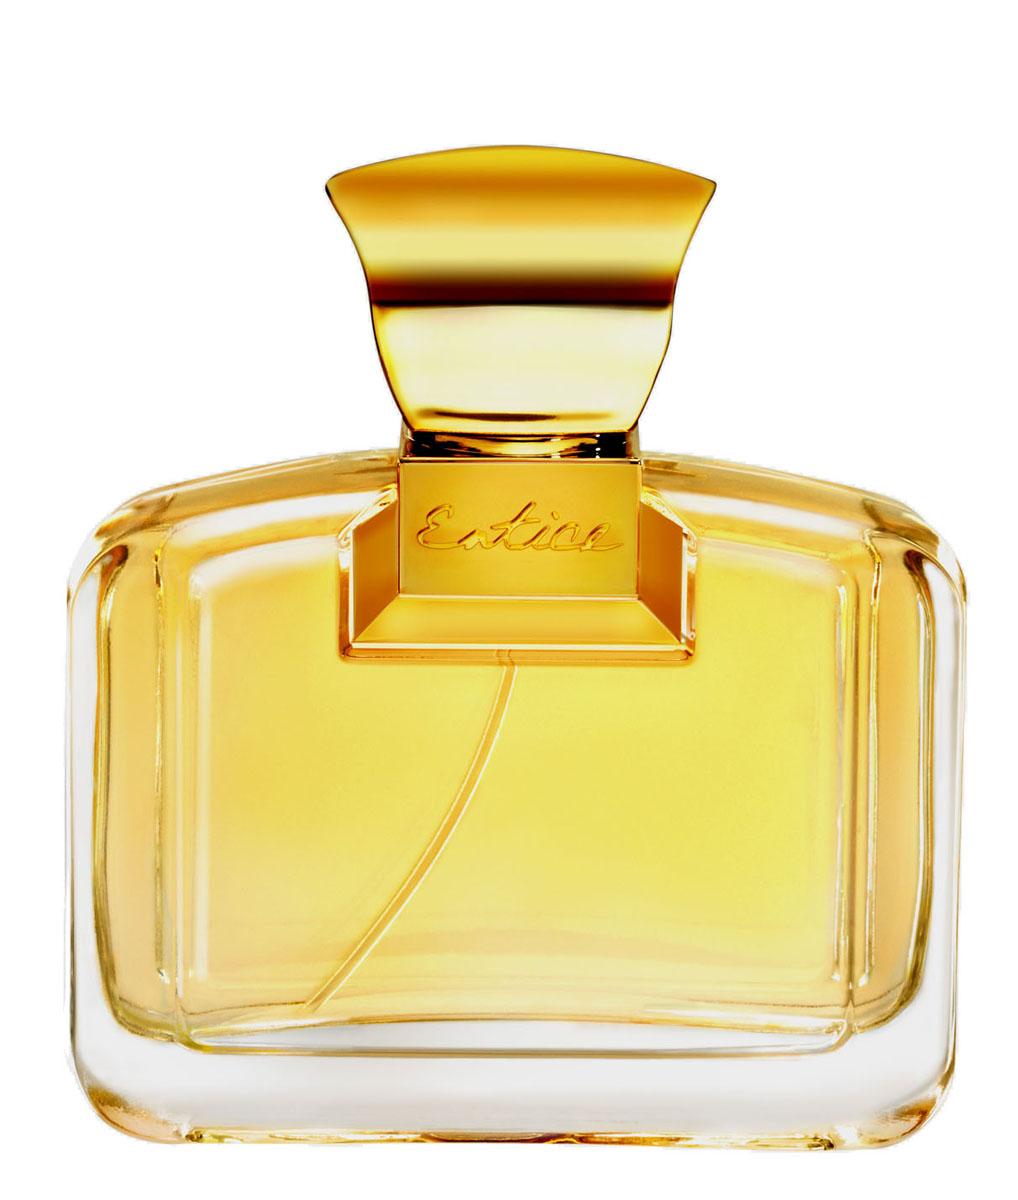 Ajmal Entice pour femme Парфюмерная вода, 75 мл4065Мягкий, соблазнительный, женственный аромат Entice был создан специально для эмоциональной и чувственной натуры. Свежесть цитрусовых контрастирует с летним букетом распустившихся цветов, словно вуаль, сотканная из солнечных лучей. Пленительная композиция Entice обладает чарующей харизмой – свежий, цитрусово-древесный аромат подчеркнет превосходство обаятельных и жизнерадостных представительниц прекрасного пола.